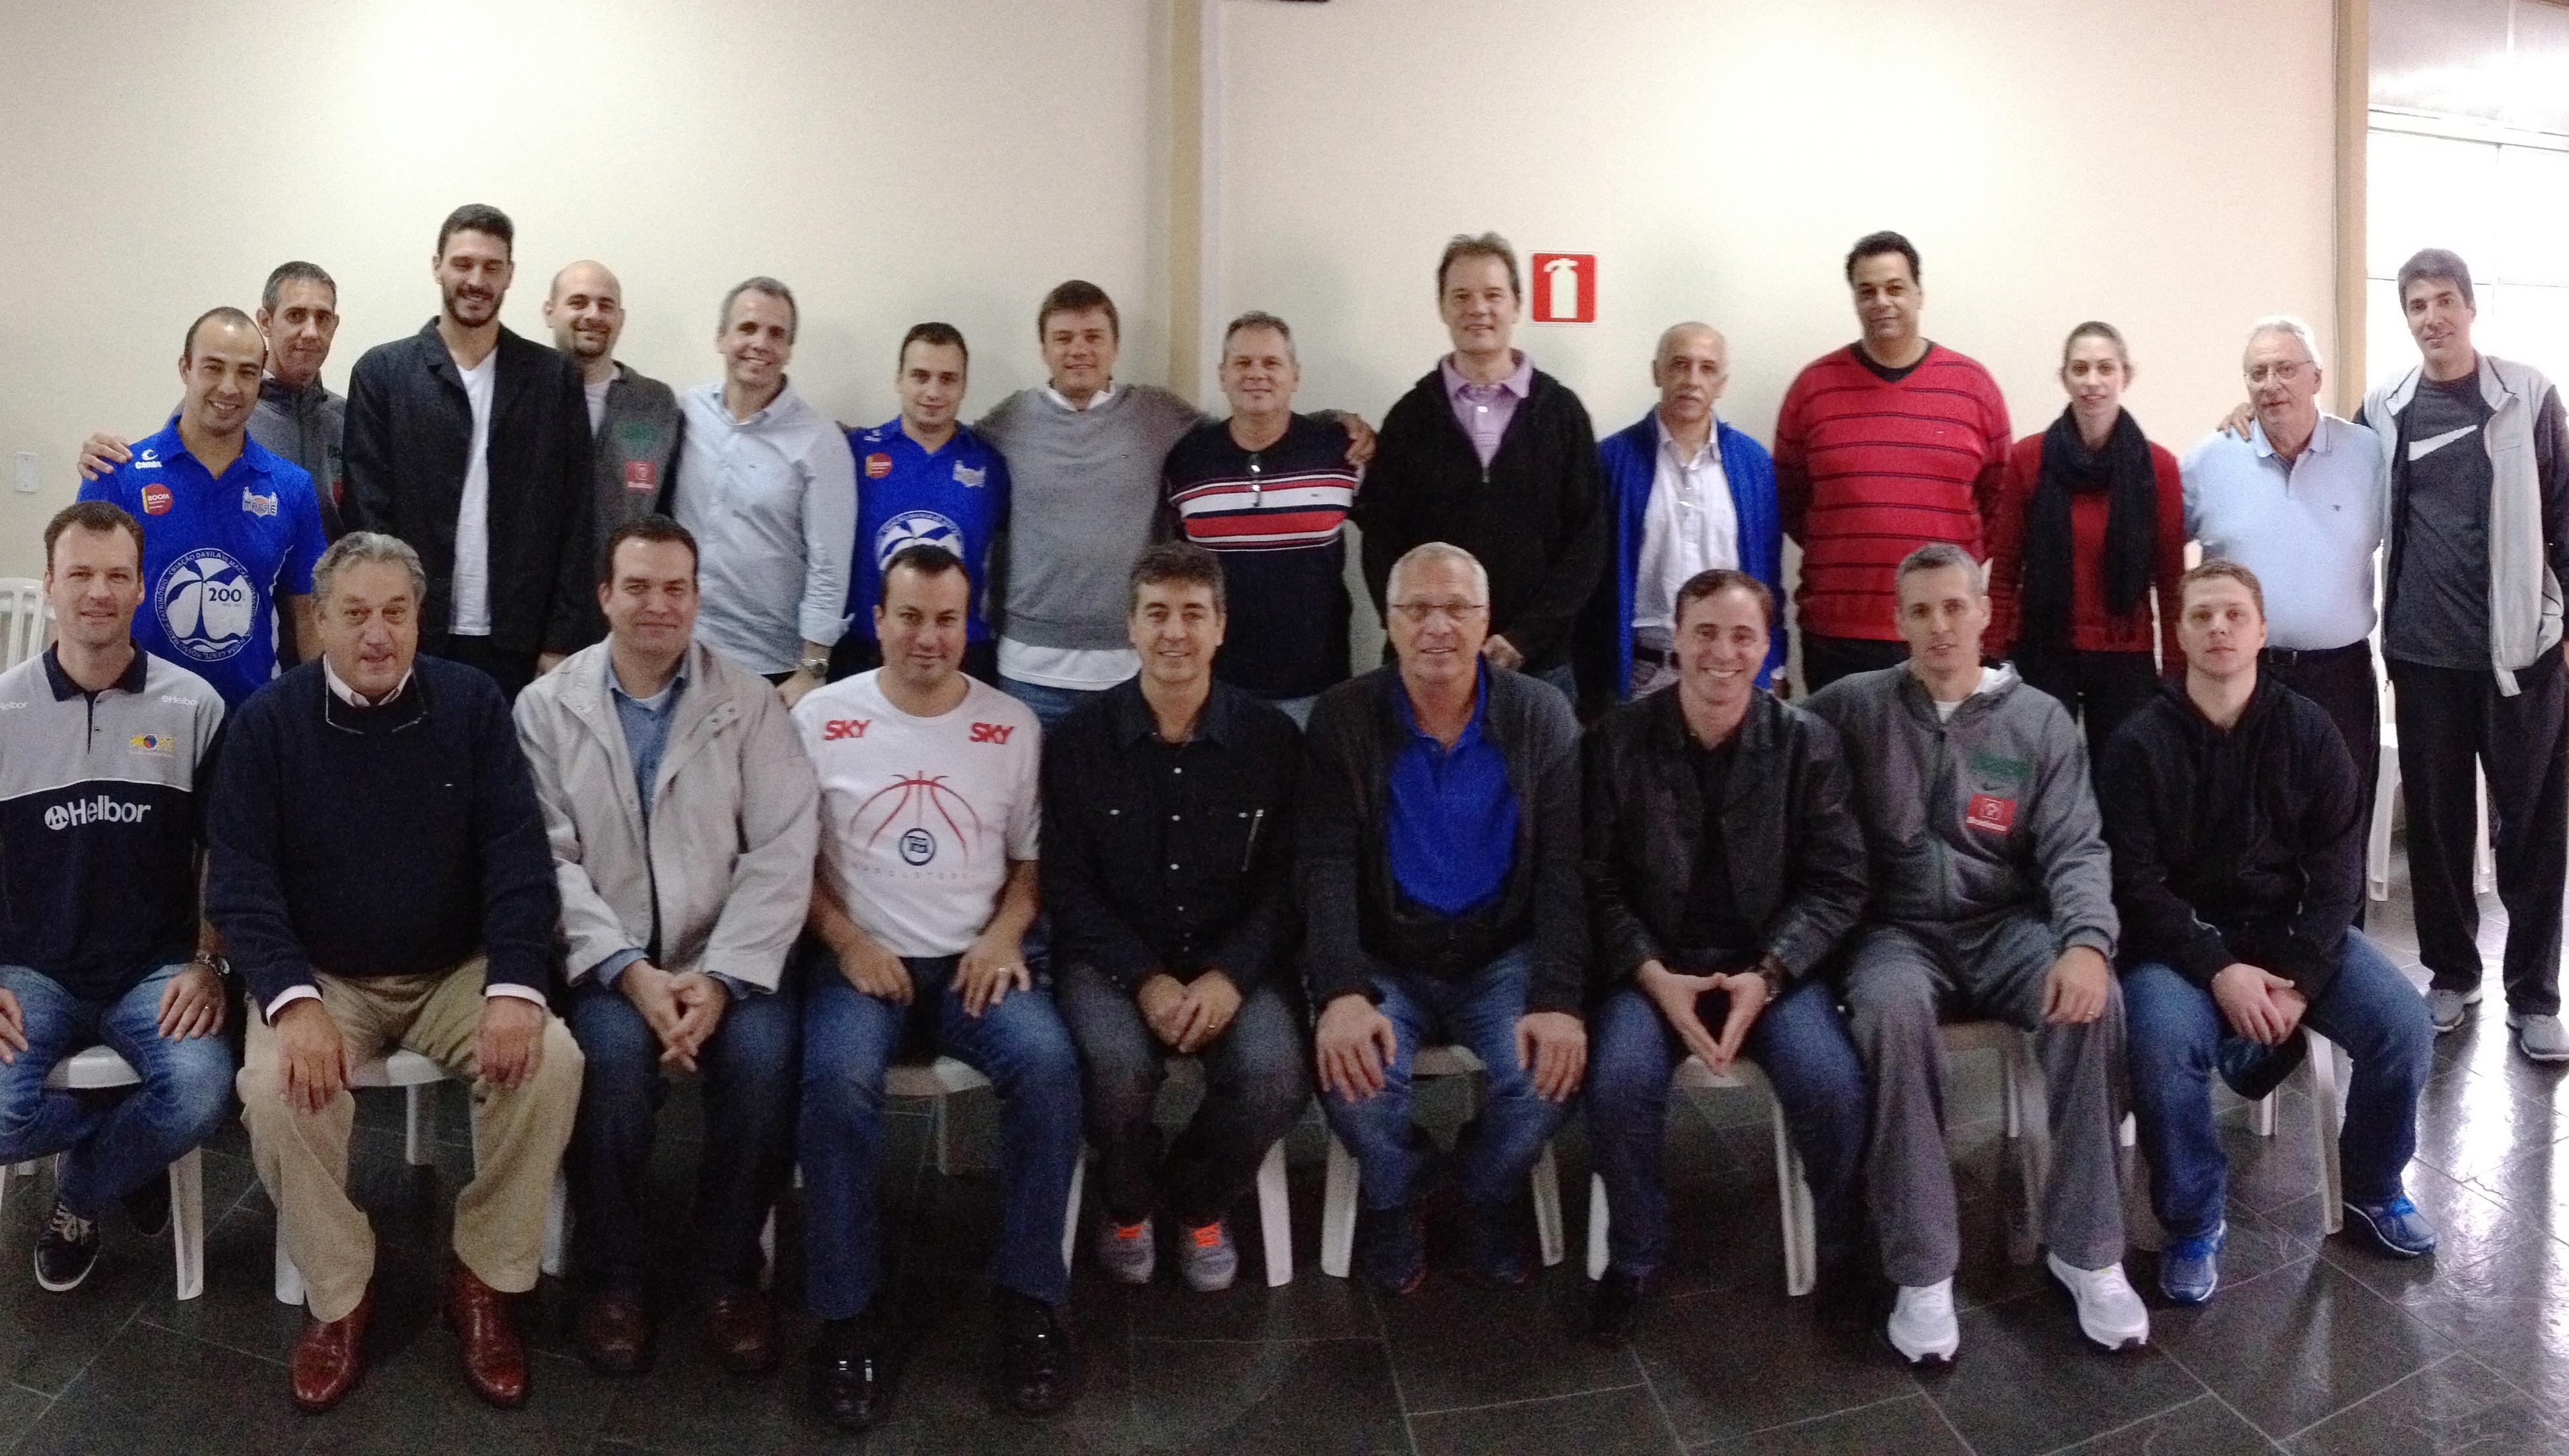 Reunião contou com a presença de treinadores, assistentes e alguns dirigentes de times do NBB (Divulgação/LNB)